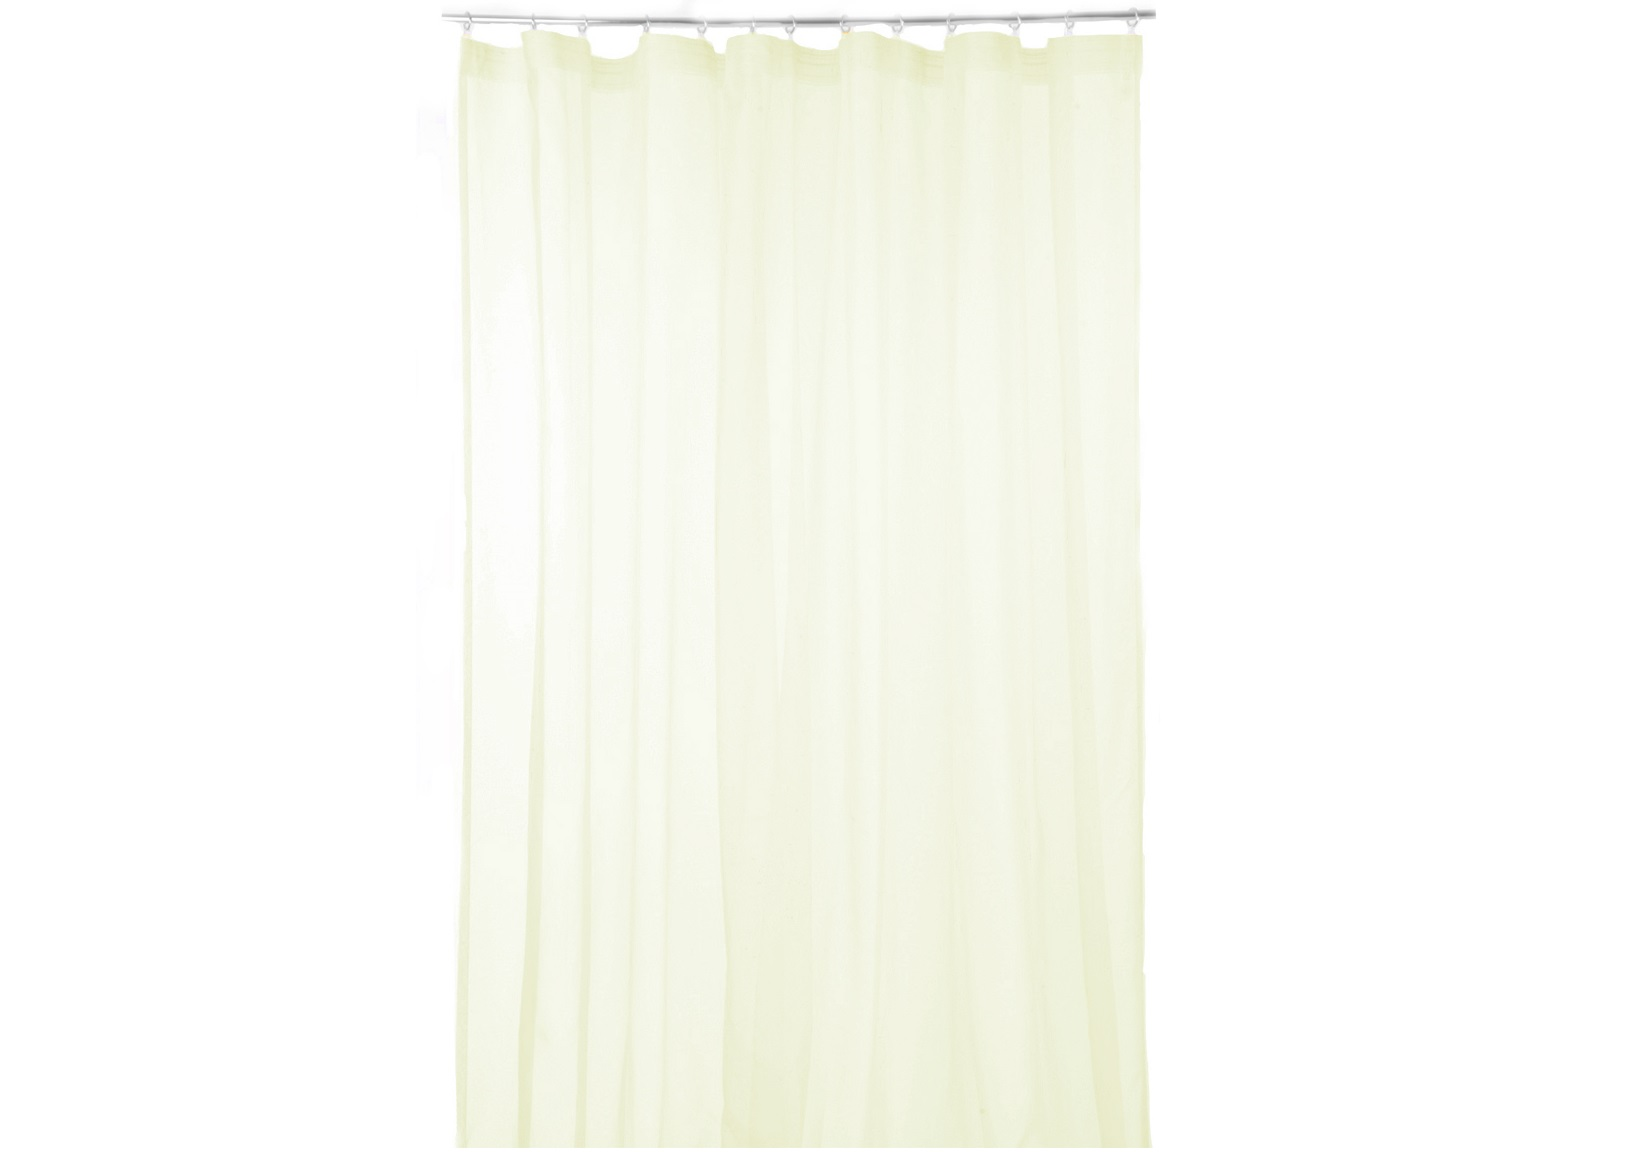 Полуорганза МолочнаяШторы<br>Тюль легкая на окно на тесьме для крючков<br><br>Material: Тюль<br>Width см: 200<br>Height см: 270